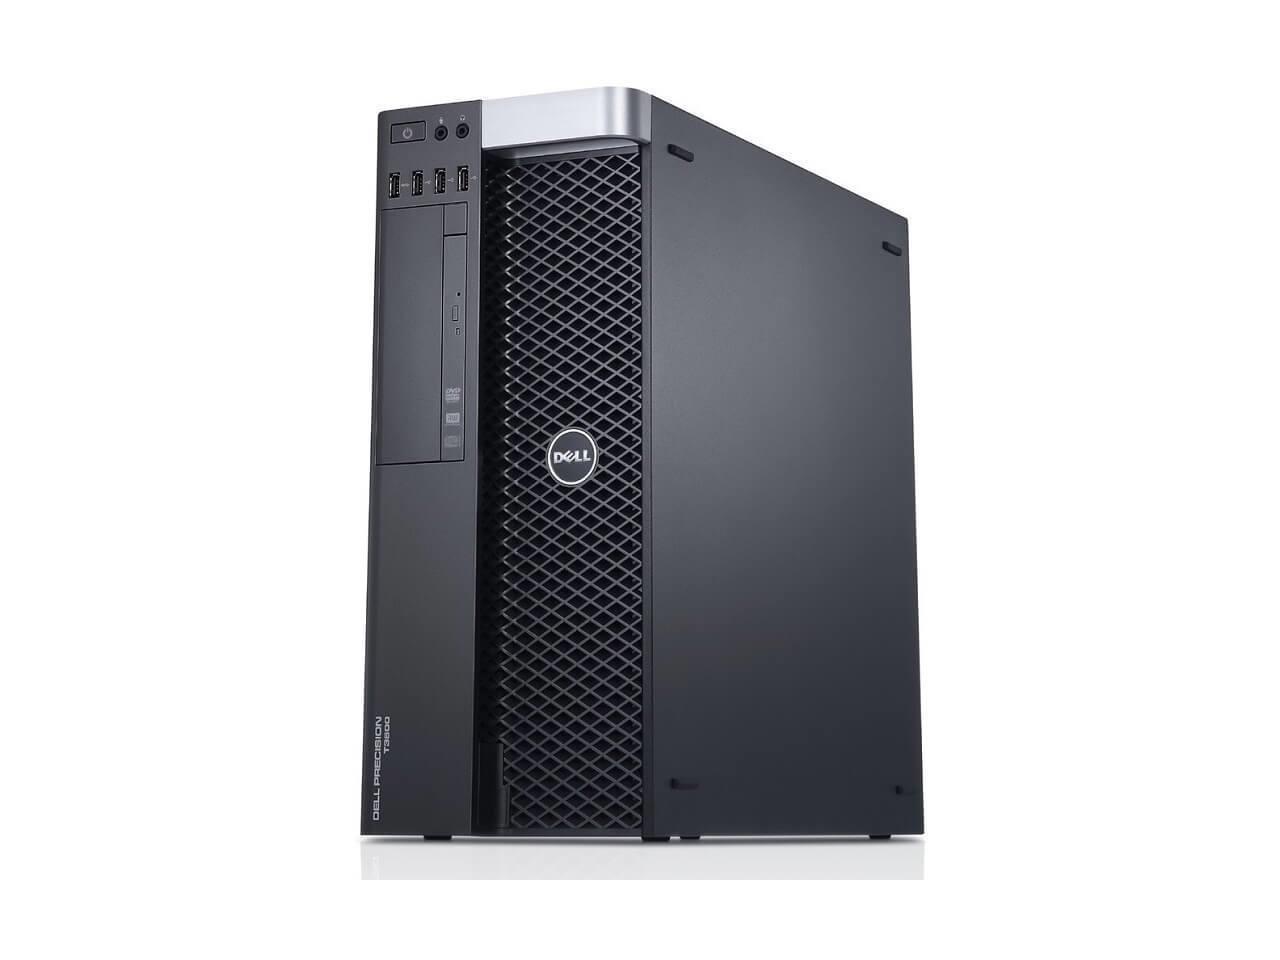 Dell Precision T3600 Workstation Xeon 6 Core 3.2GHz